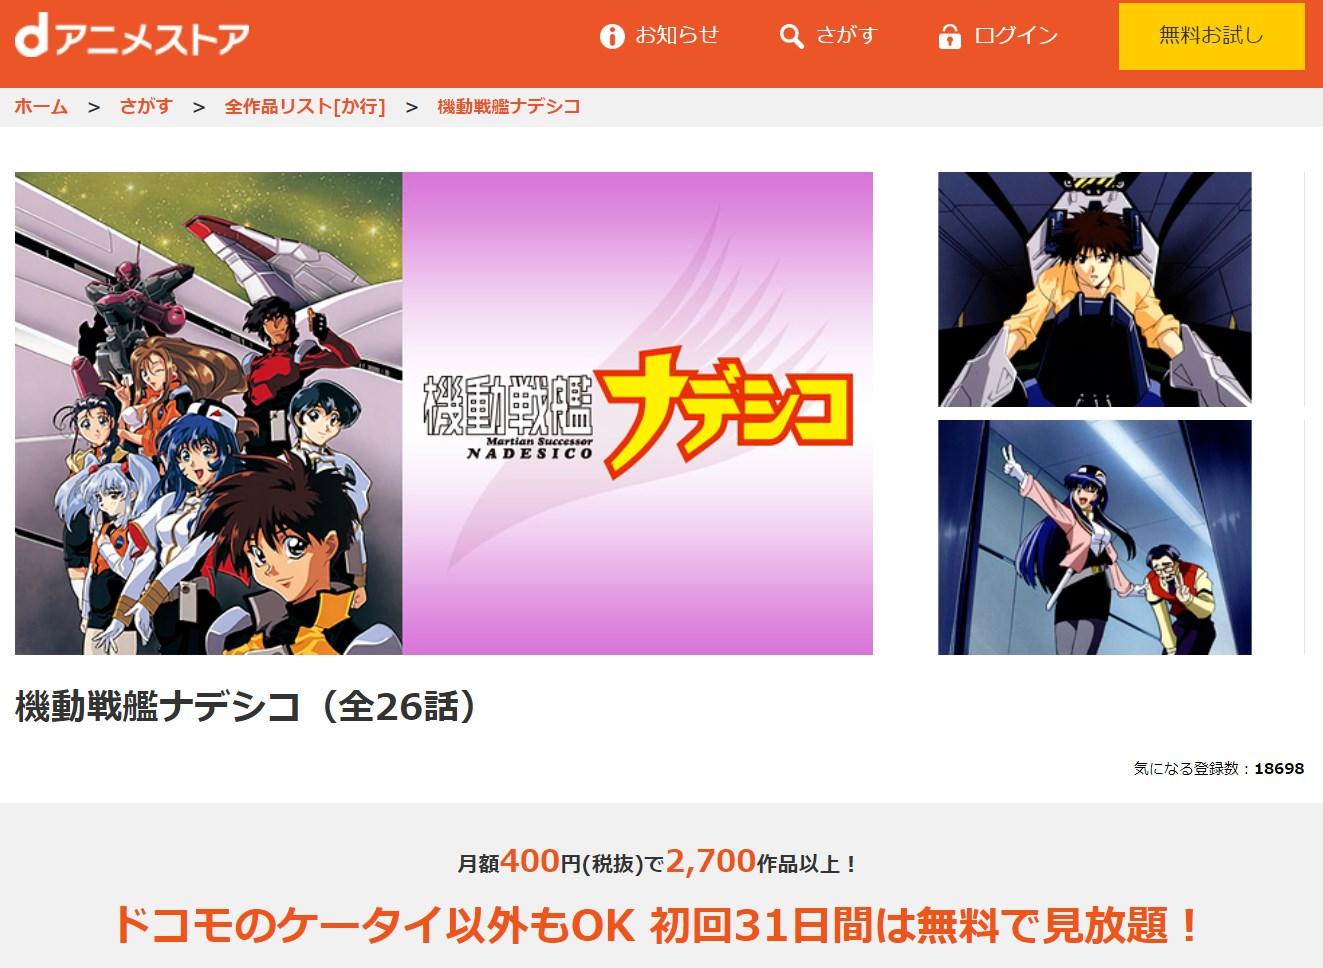 「機動戦艦ナデシコ」アニメ&劇場版の動画配信サービスdアニメストア